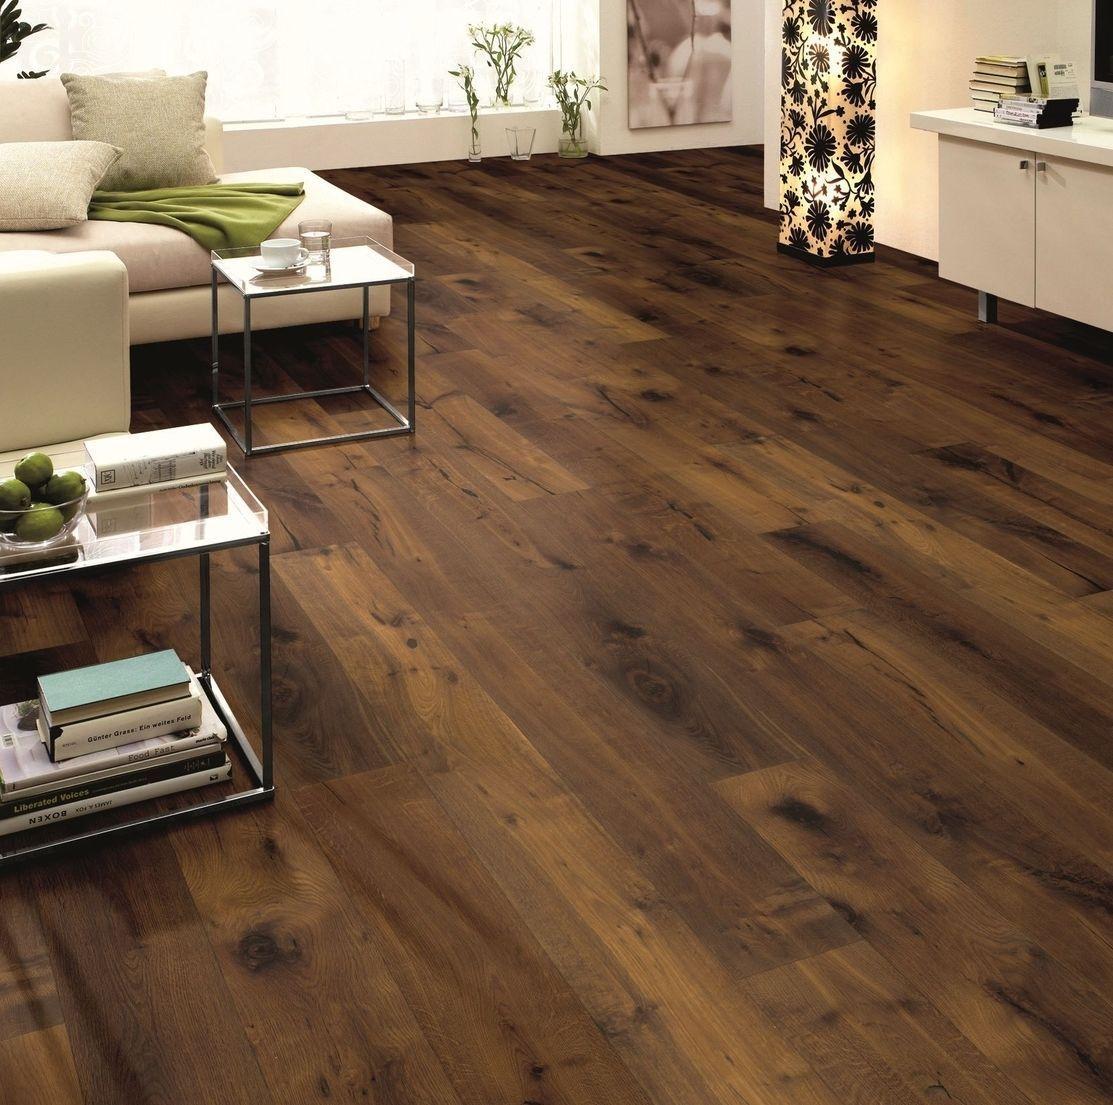 hori parkett eiche vintage ger uchert parkettboden mit fase d mmung leisten ebay. Black Bedroom Furniture Sets. Home Design Ideas